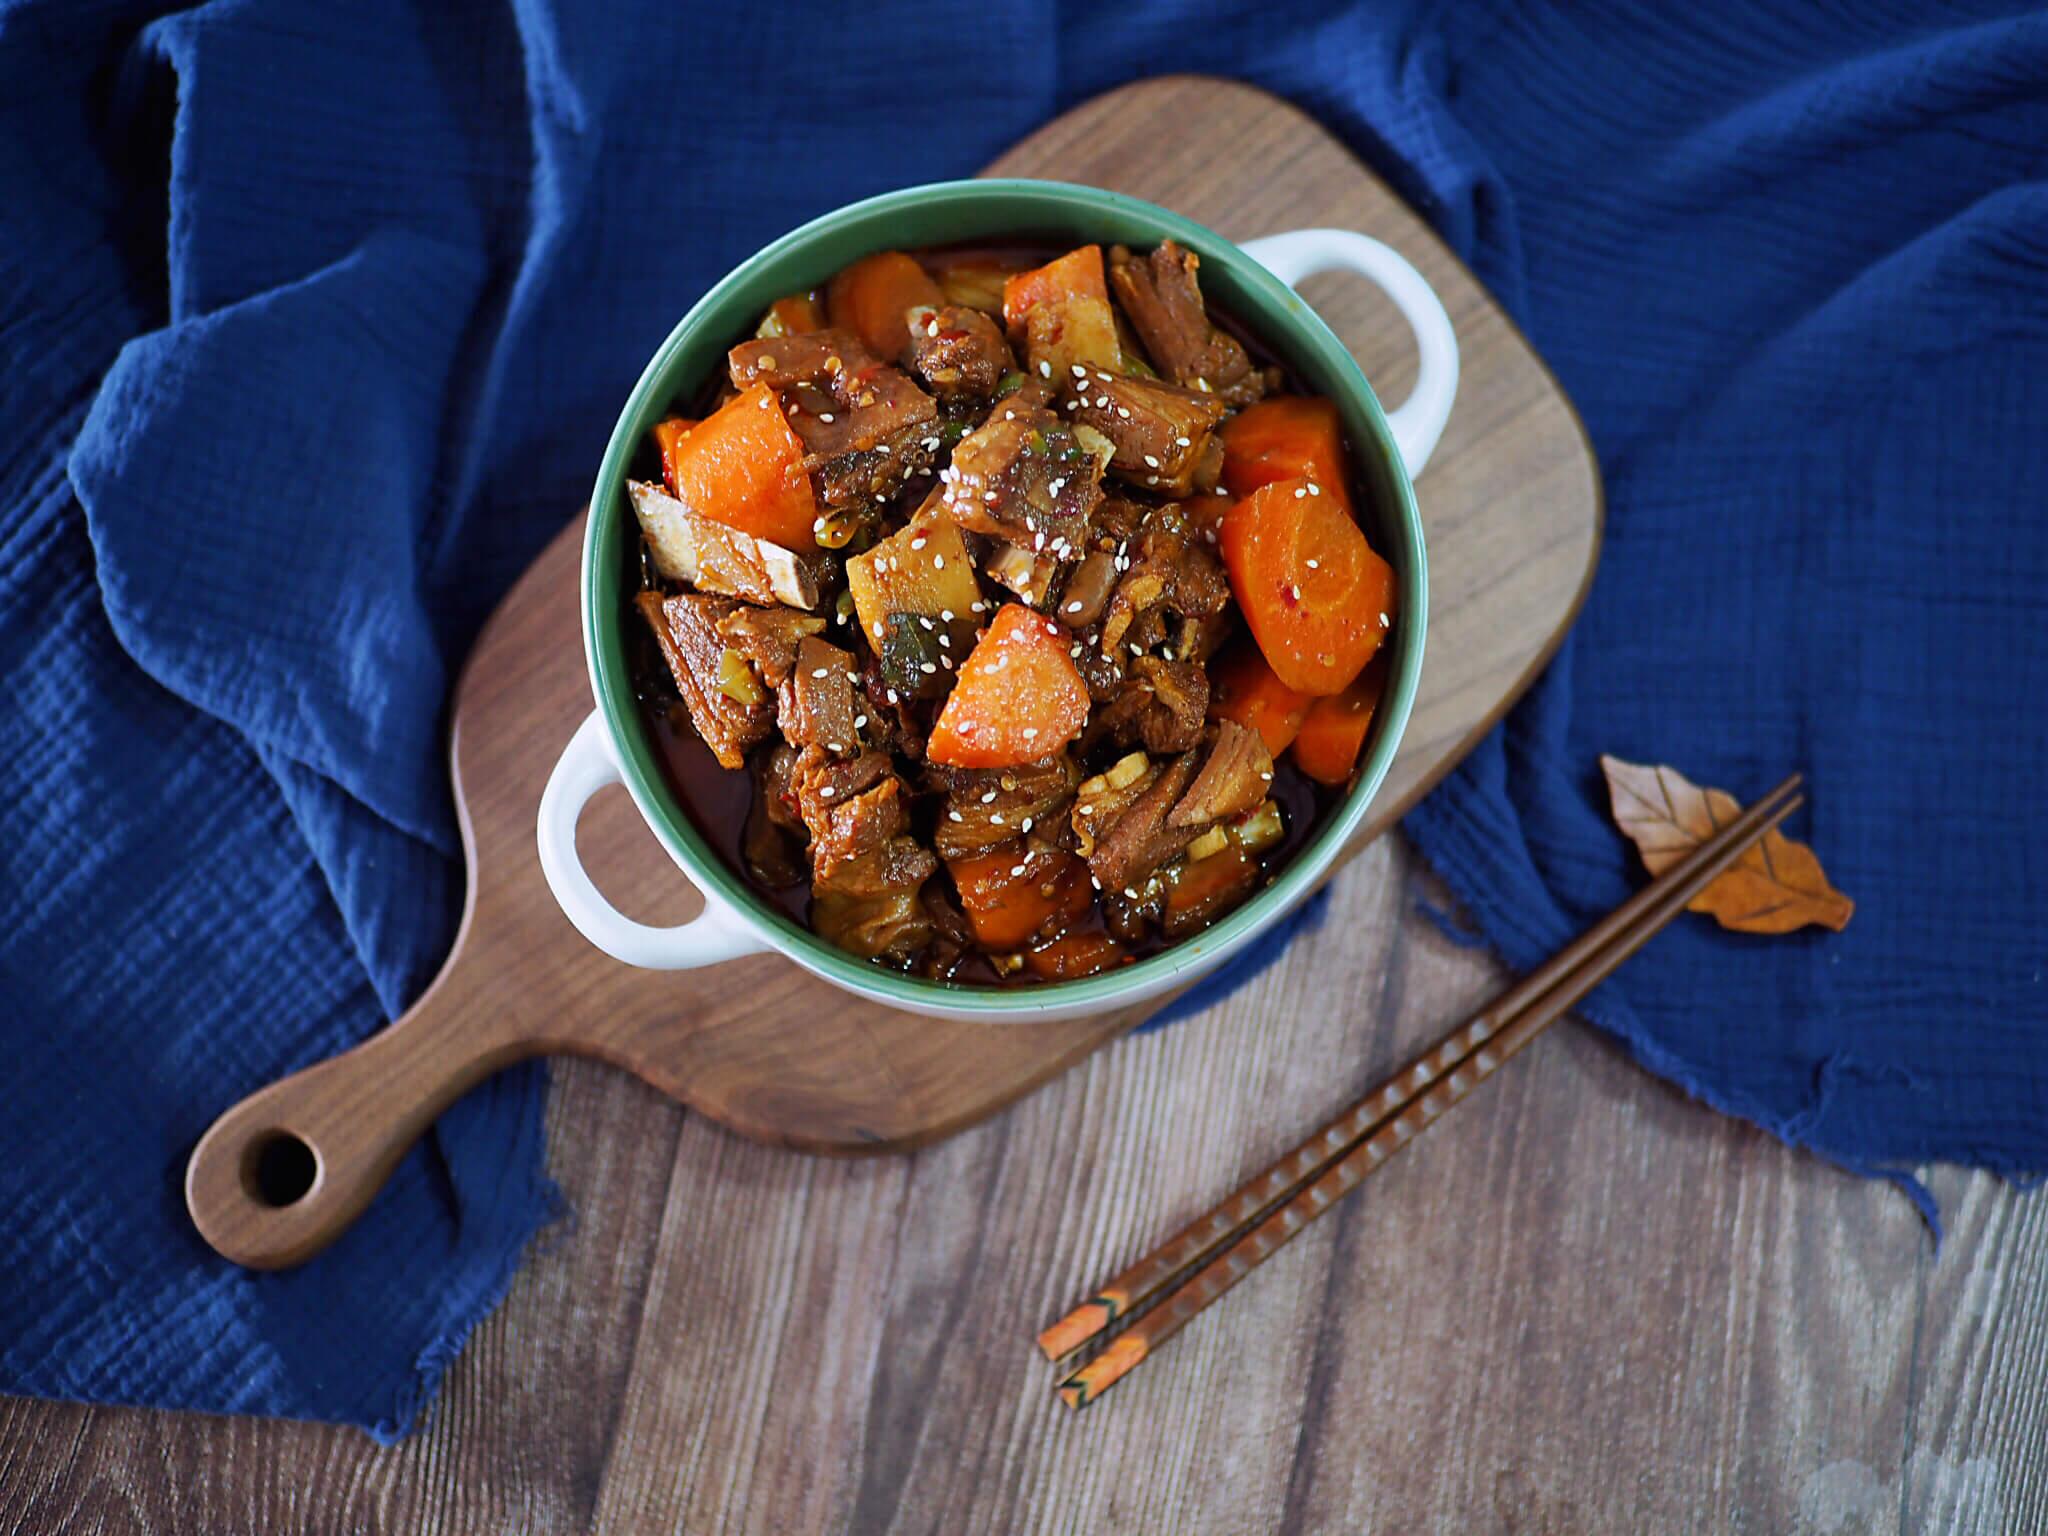 冬季滋补之胡萝卜炖羊肉